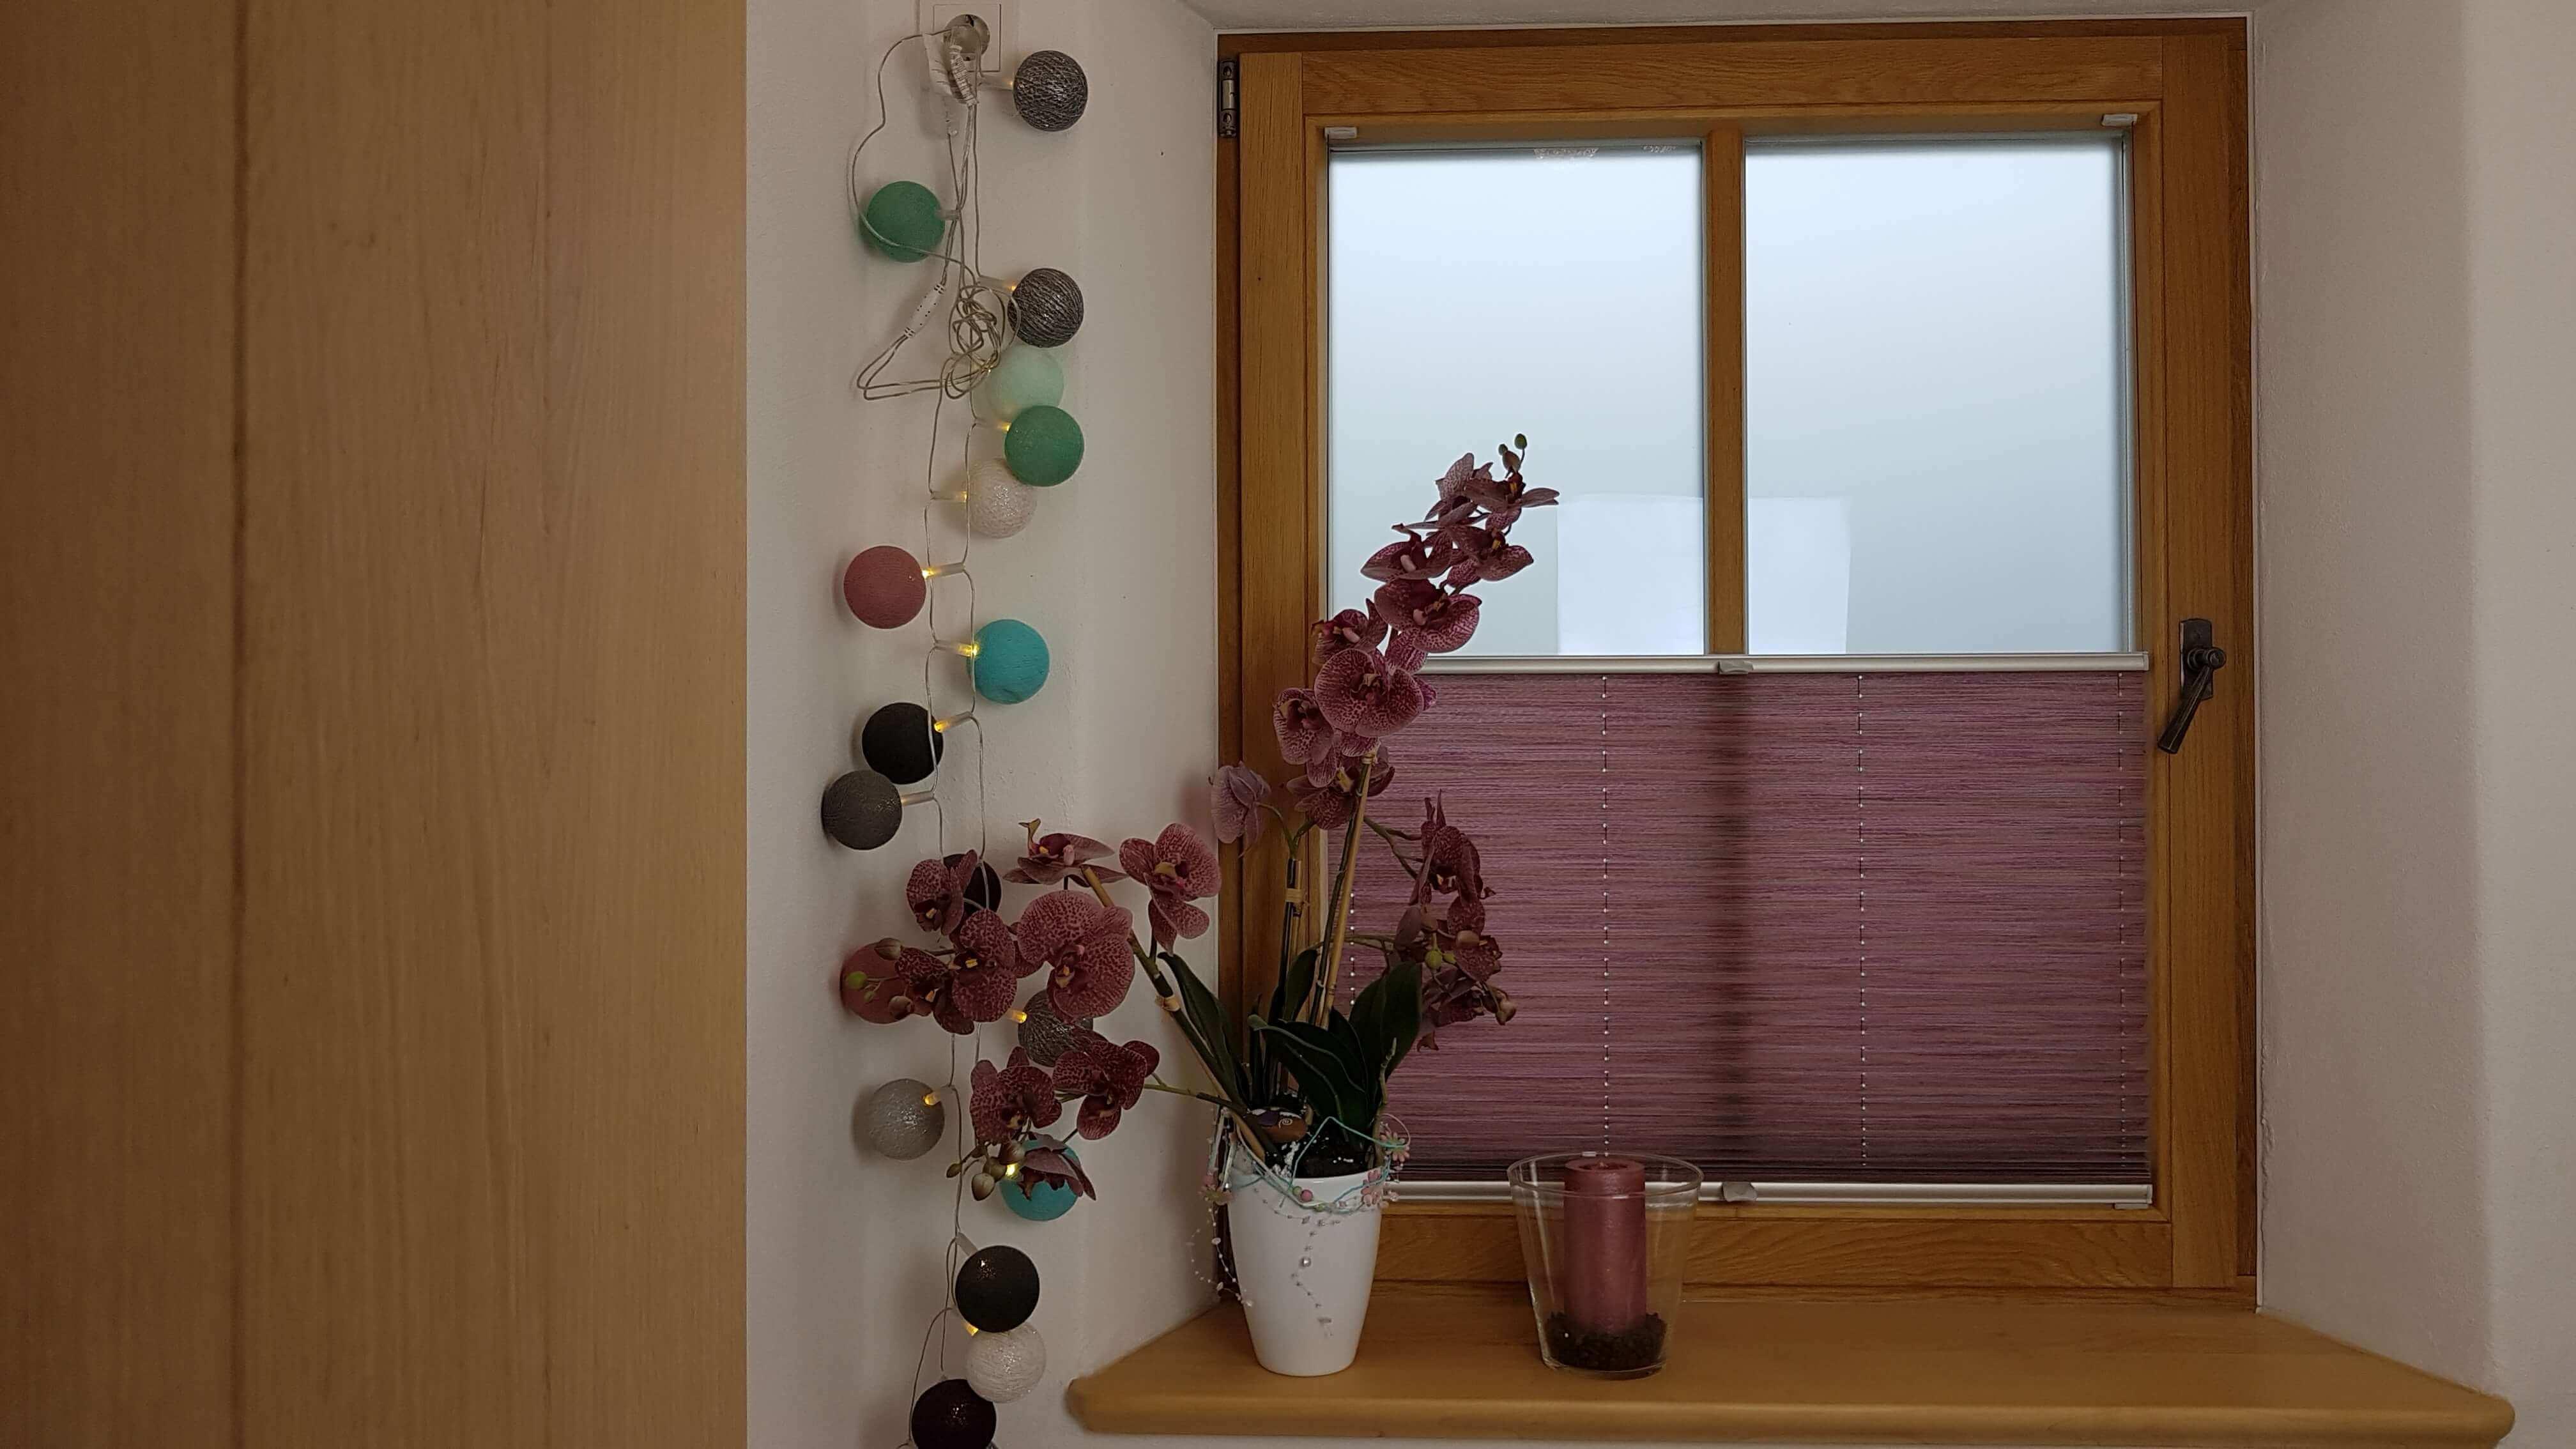 Holzfenster und Holzfensterbrett